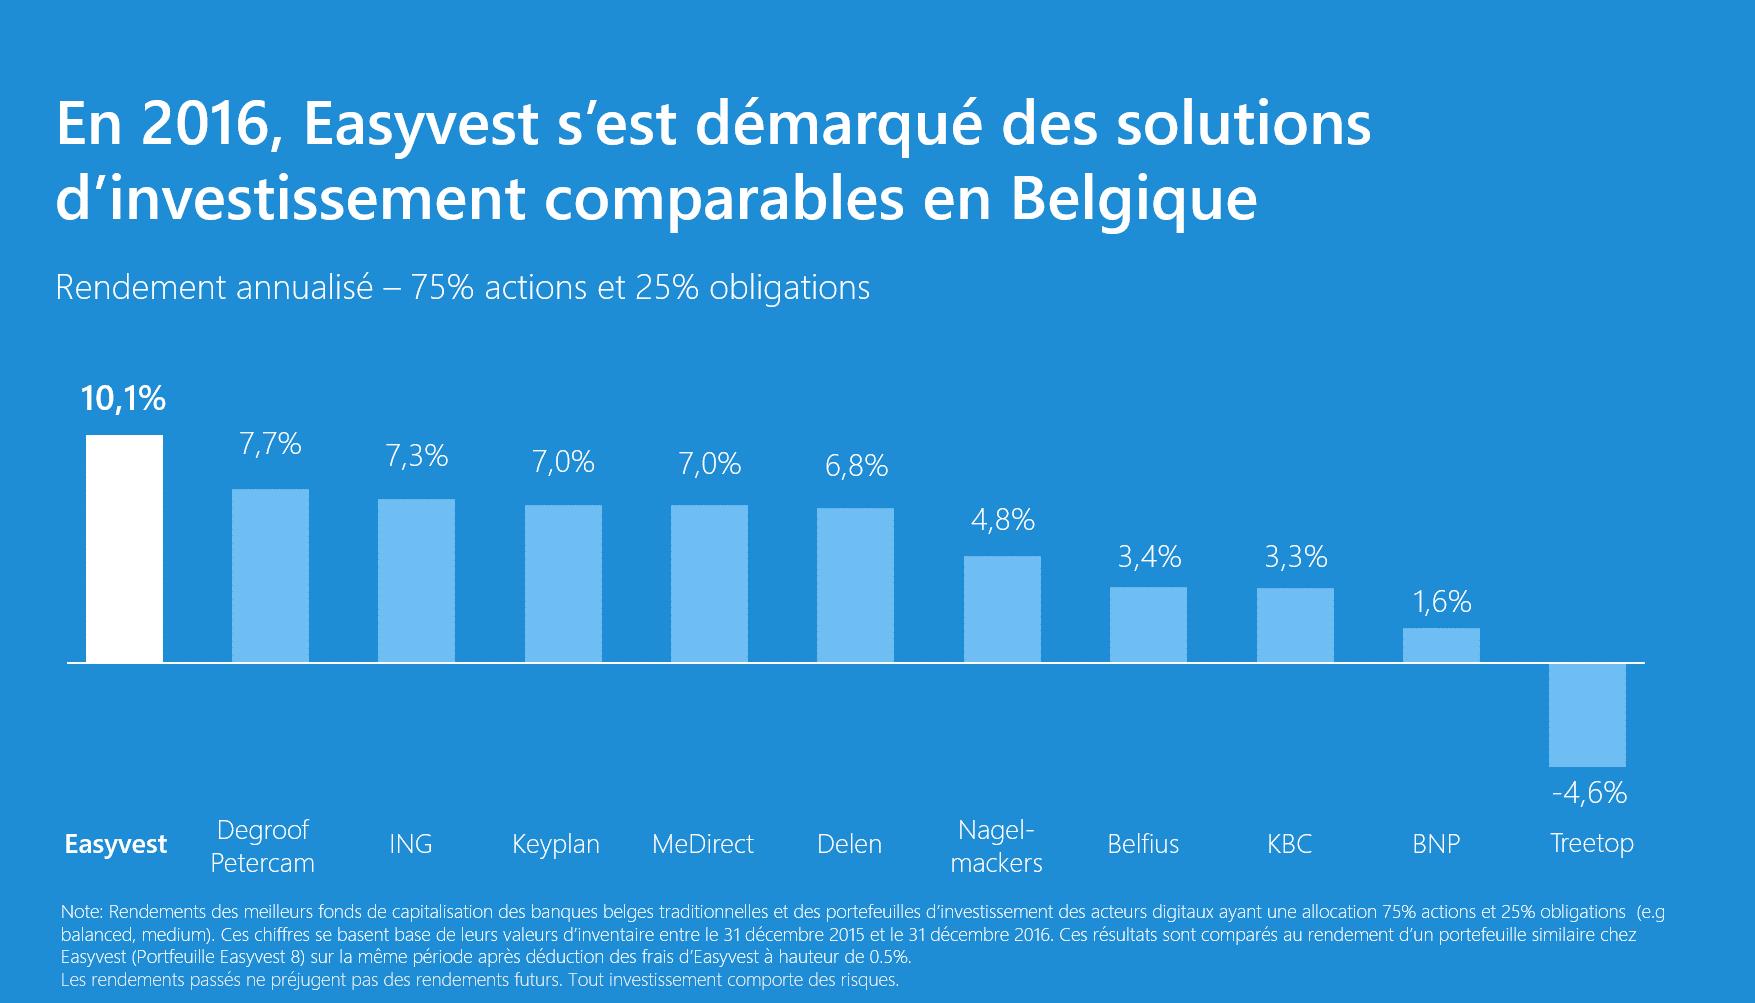 En 2016, Easyvest a offert les meilleures performances de Belgique